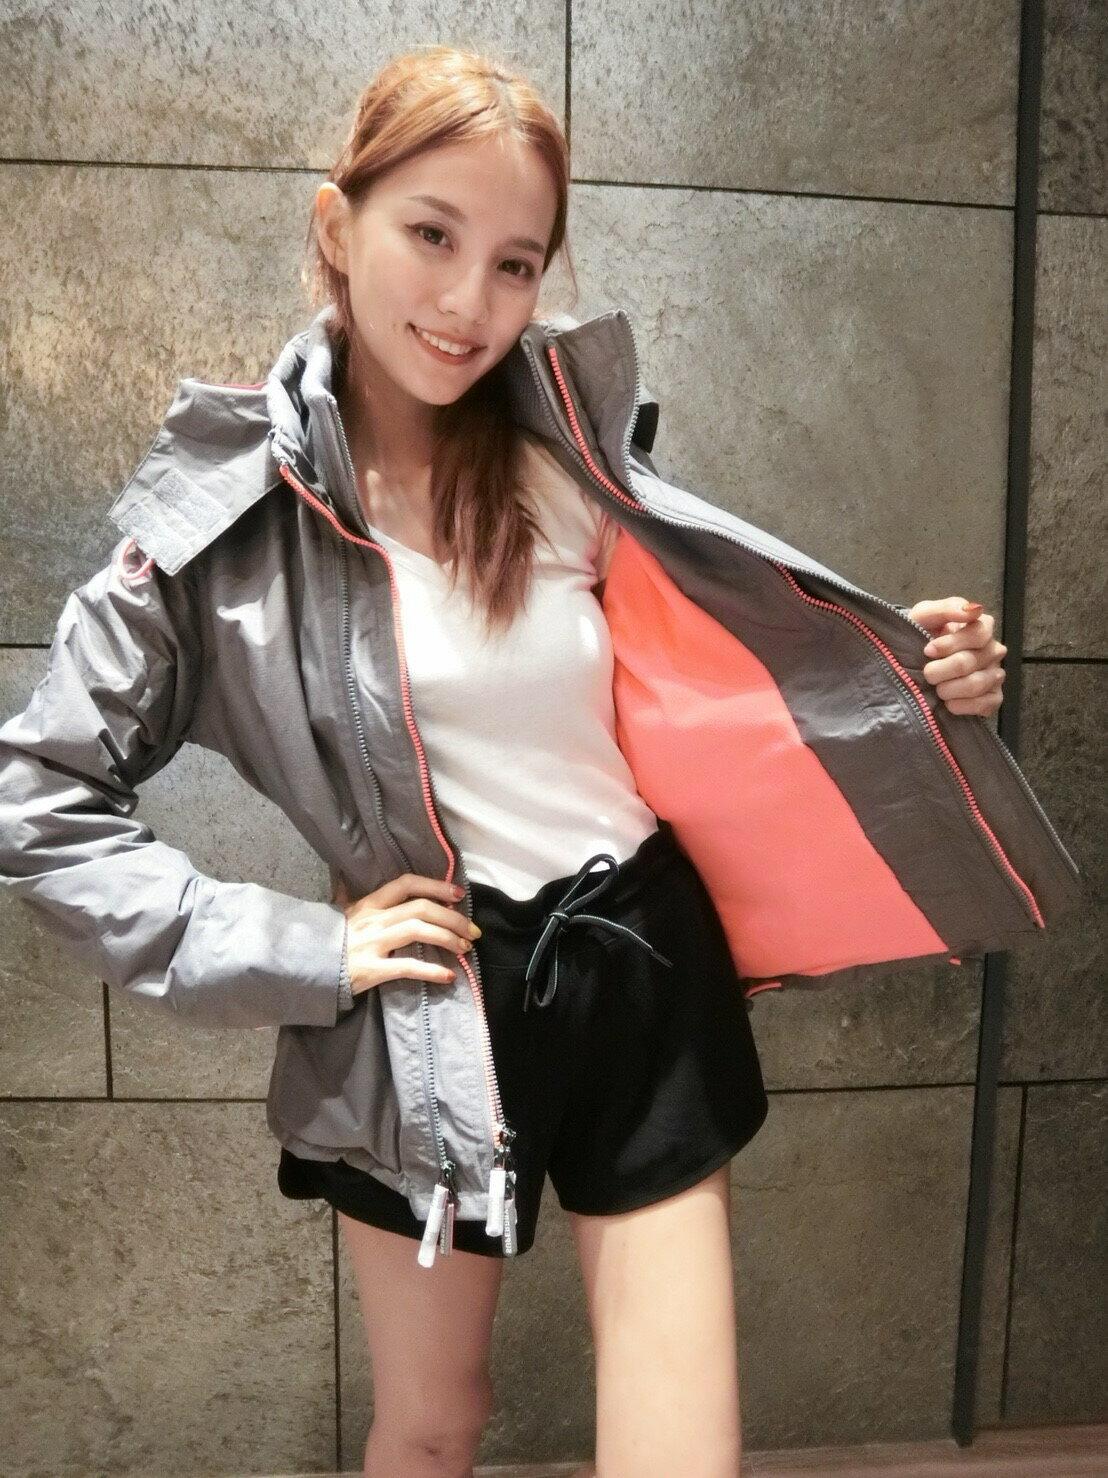 灰粉色女生極度乾燥Superdry 防風外套?